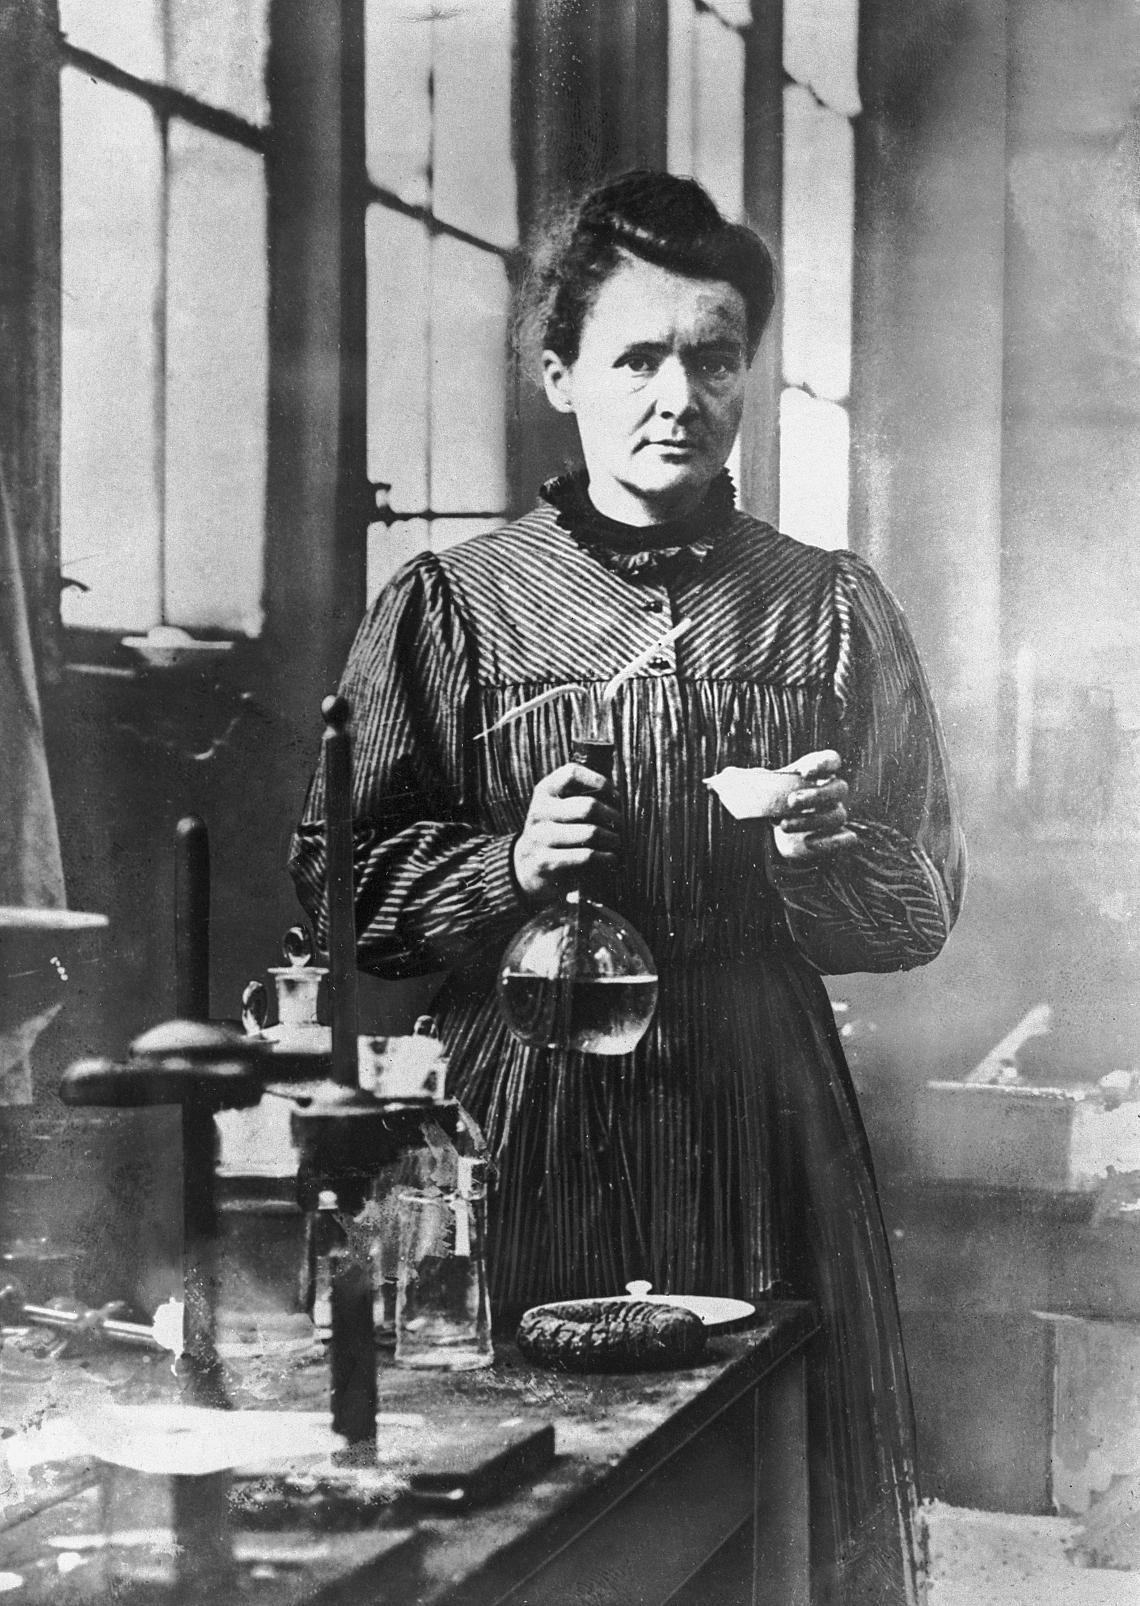 МАРИЯ КЮРИ Единствената жена носител на Нобелова награда за изследване върху радиоактивността. Заедно със съпруга си Пиер Кюри открива елементите Радий и Полоний. Имат дъщеря – Ирен, която също е Нобелов лауреат.